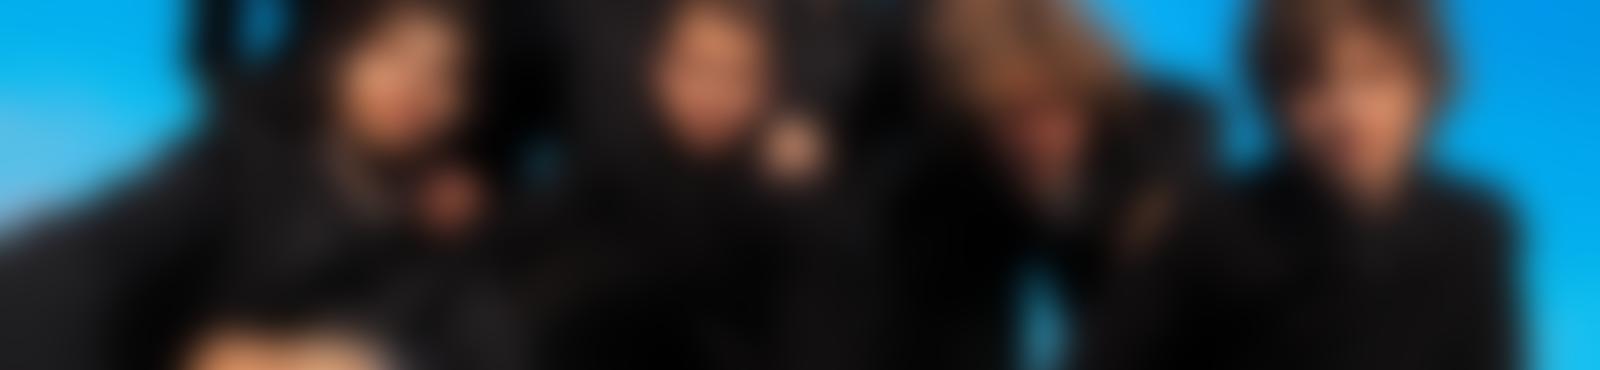 Blurred 2b8749e6 f4f4 4cda b330 7a70cb80e132